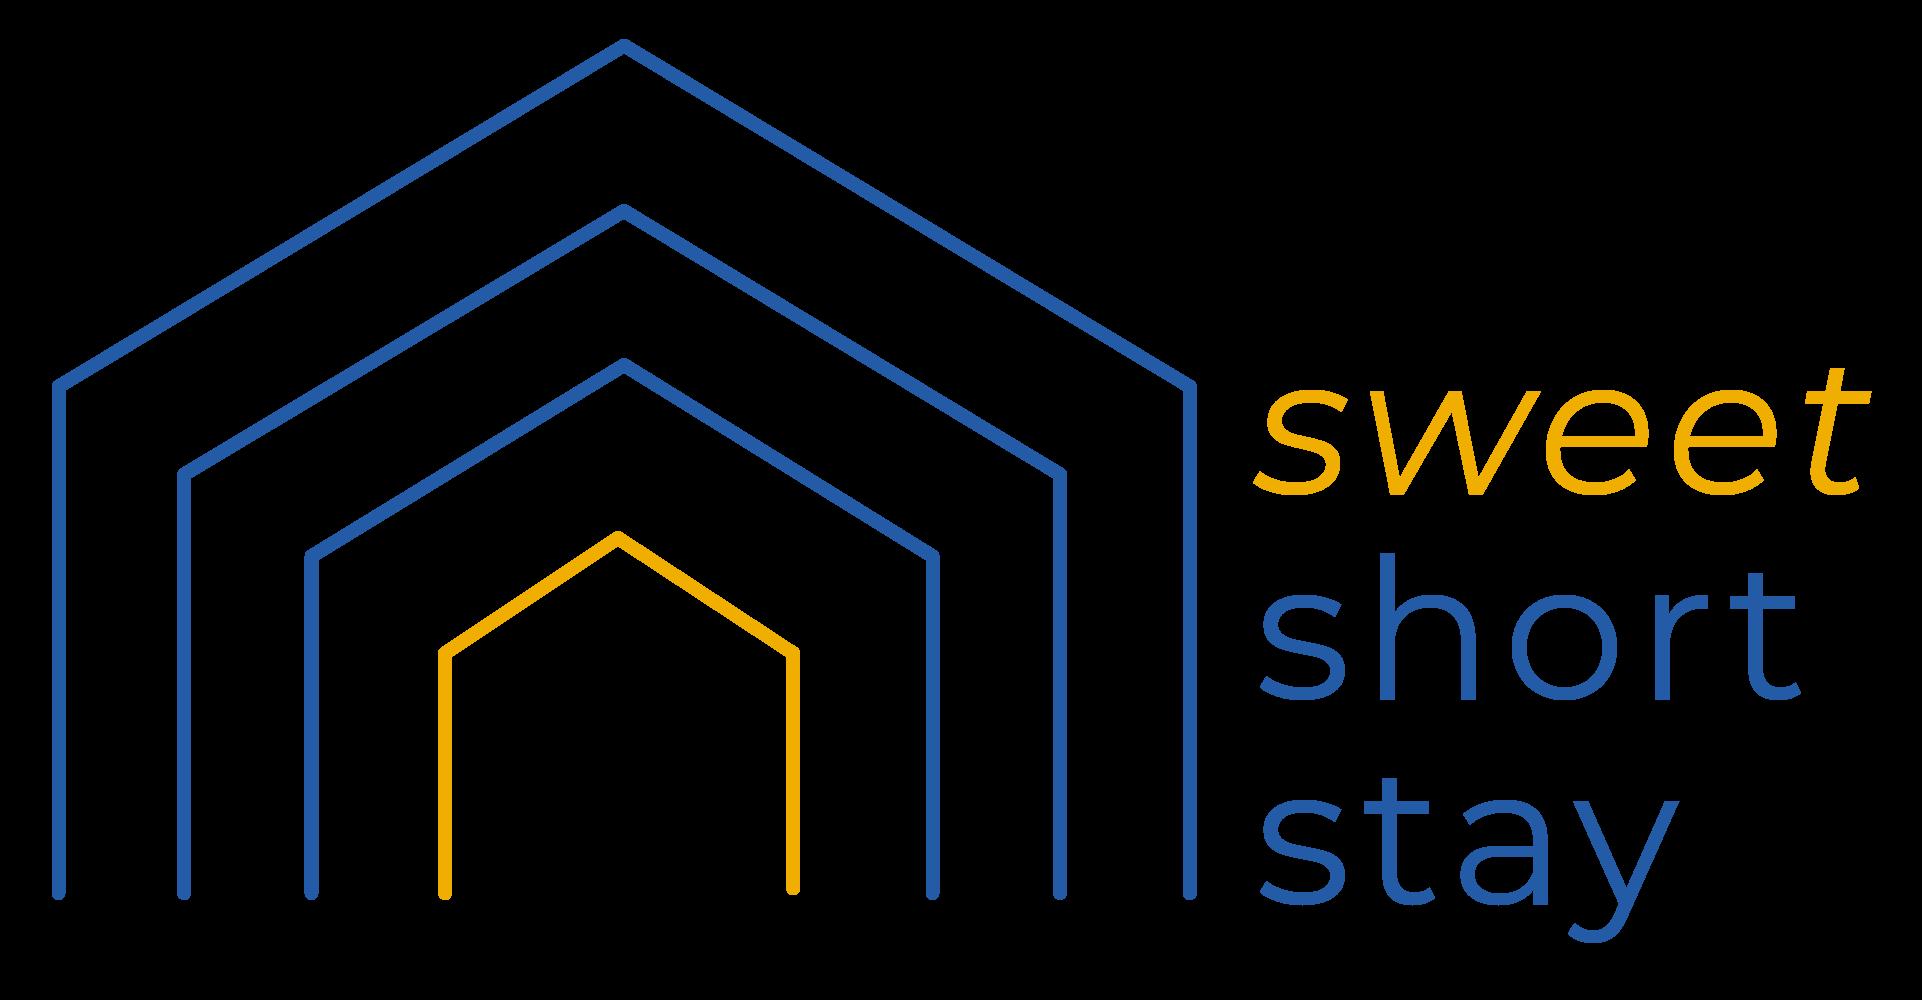 sweet short stay